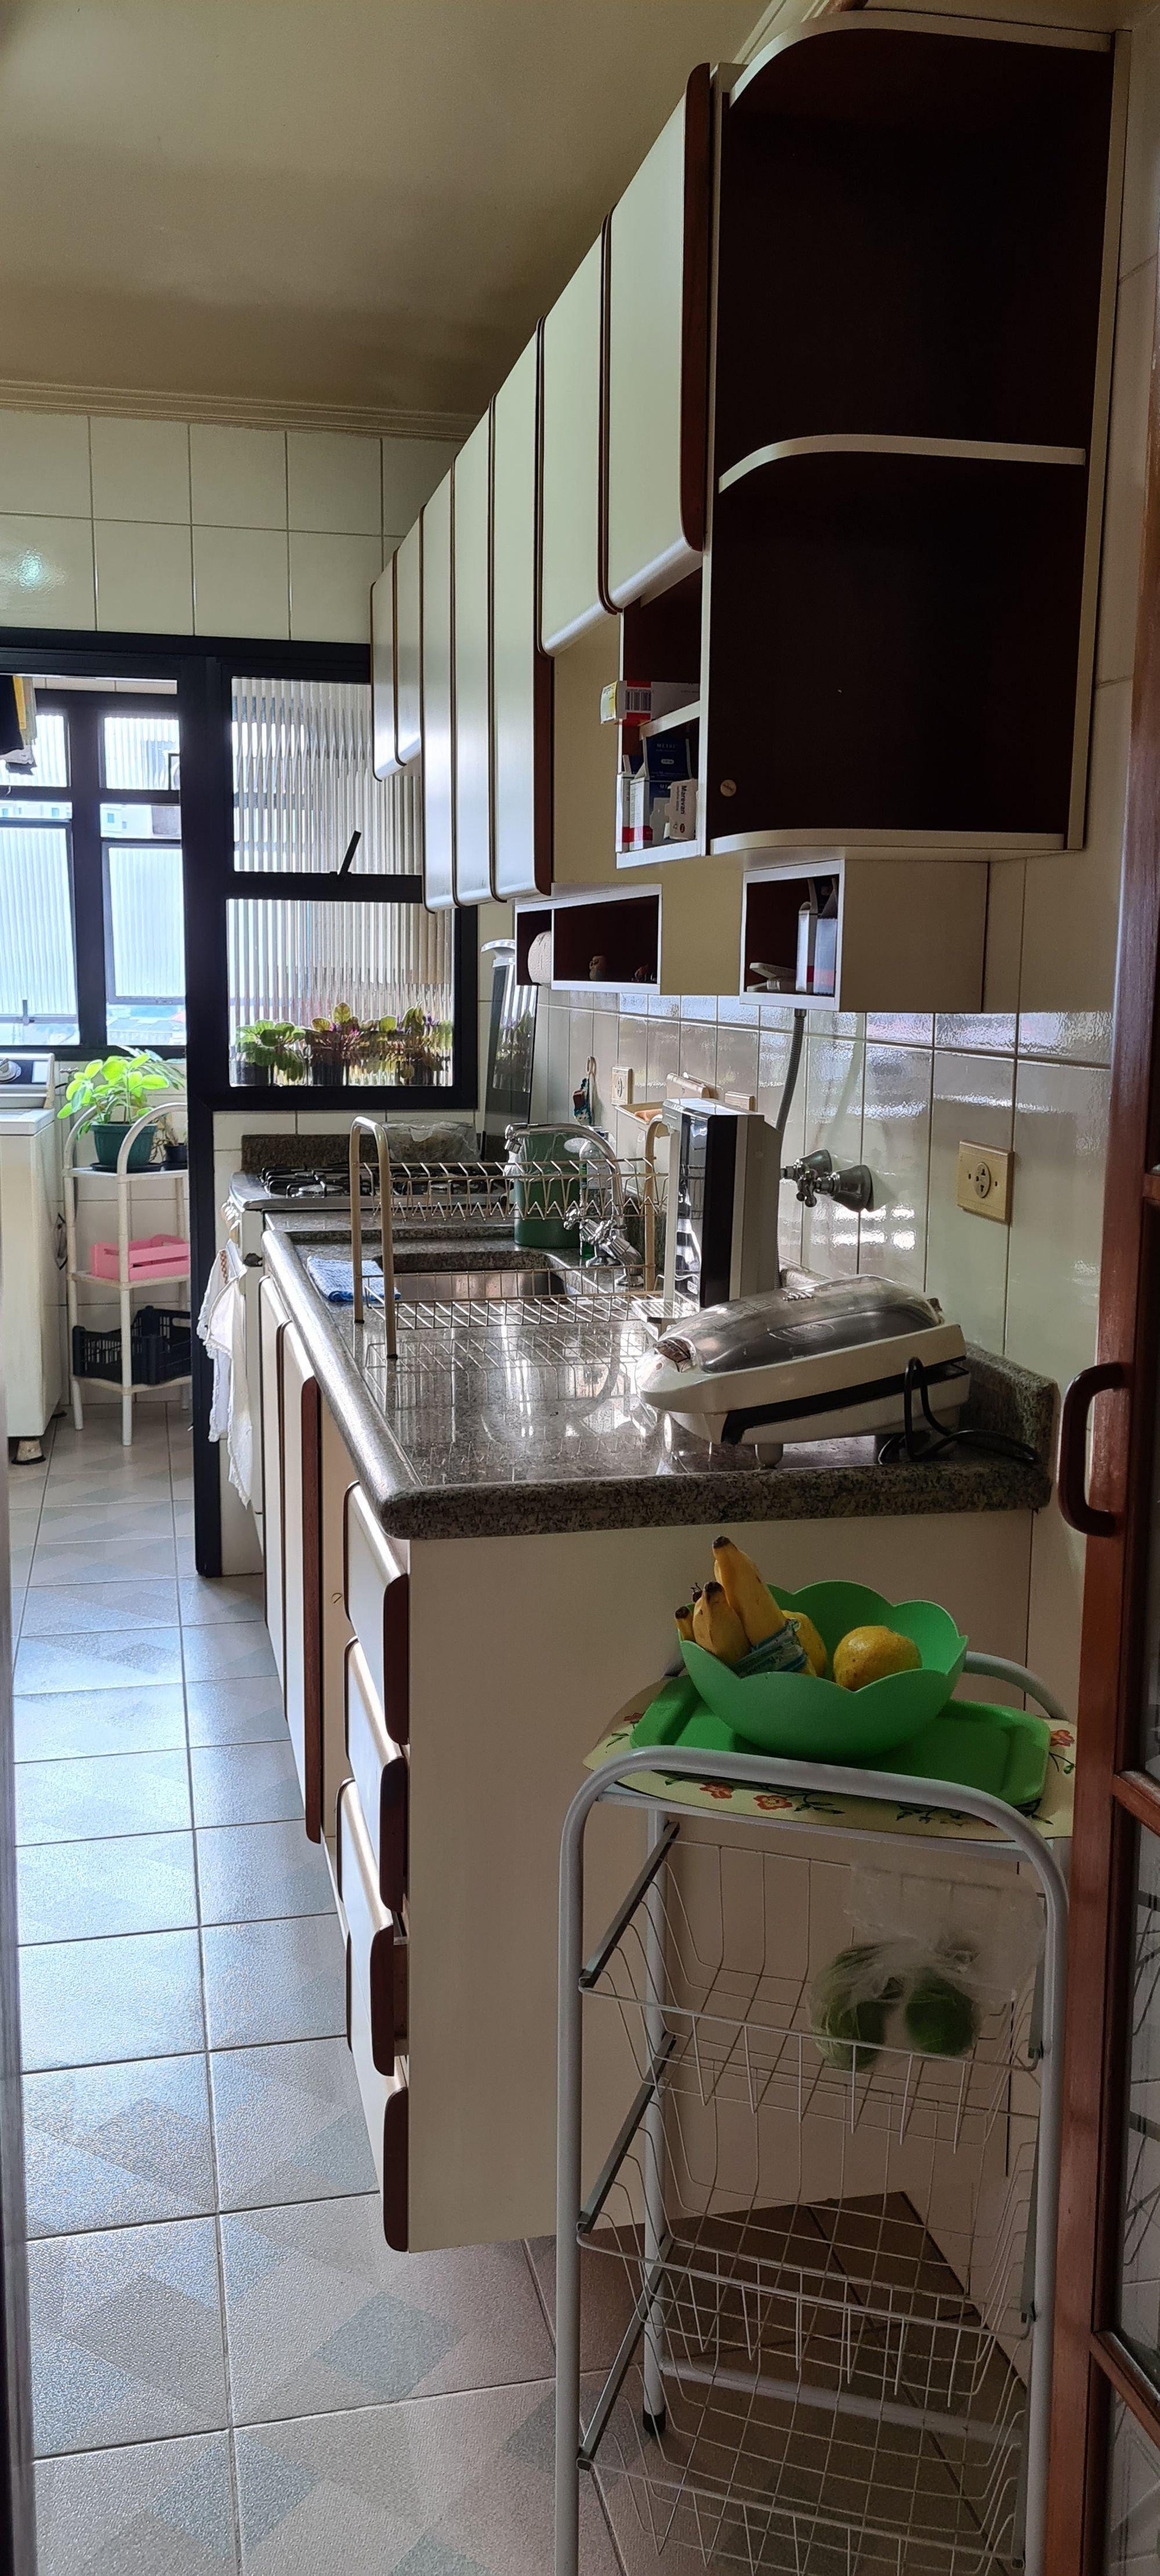 Foto de Cozinha com tigela